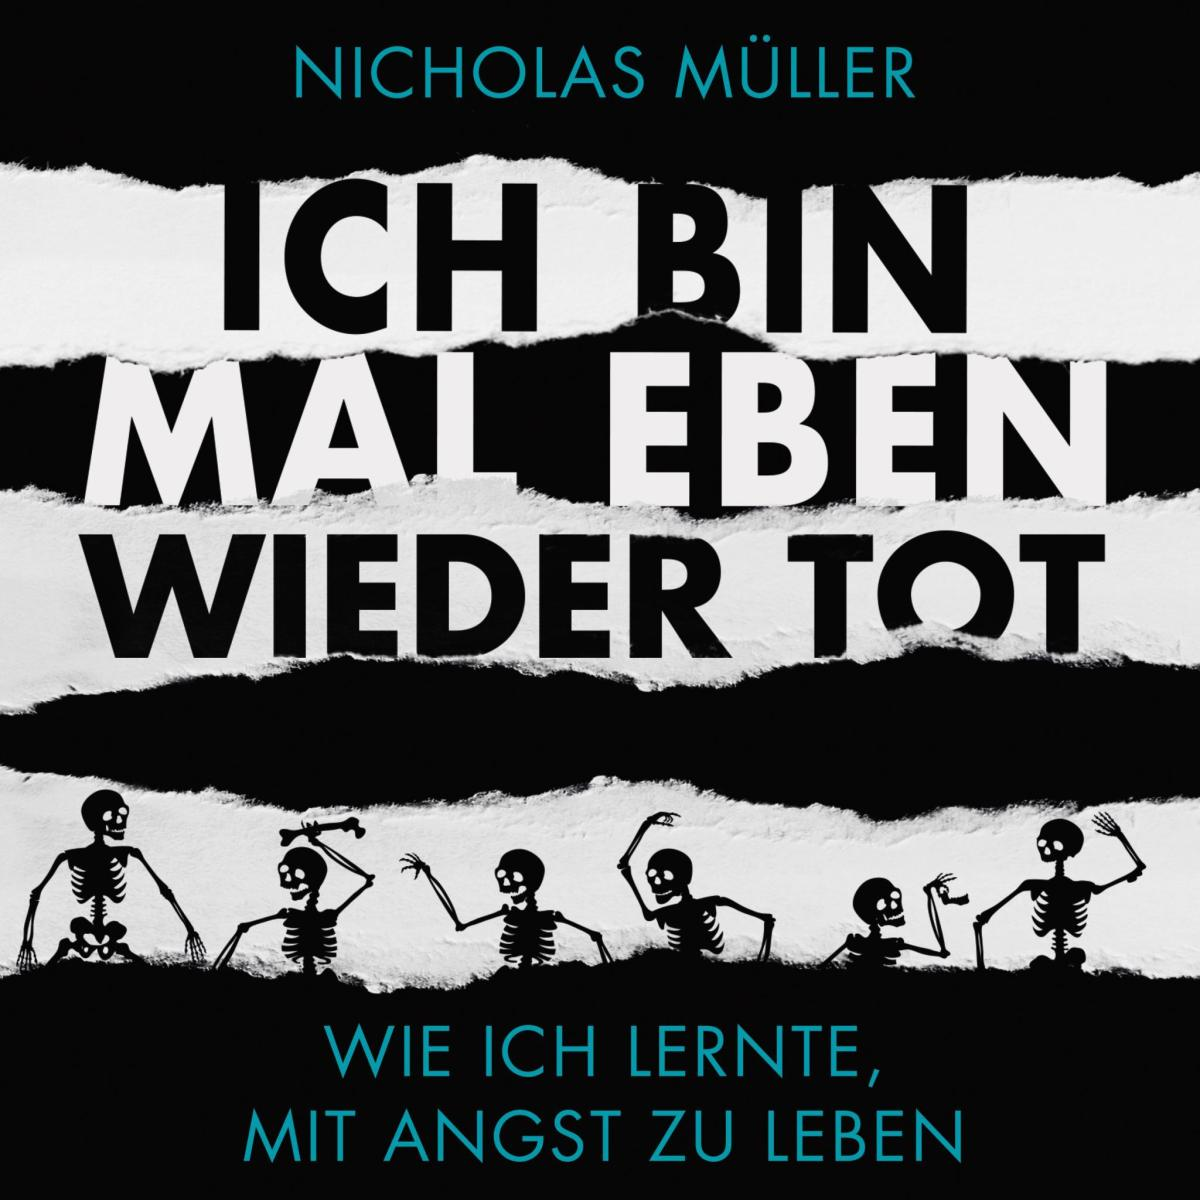 Nicholas Müller – Ich bin mal eben wieder tot – Wie ich lernte, mit der Angst zu leben